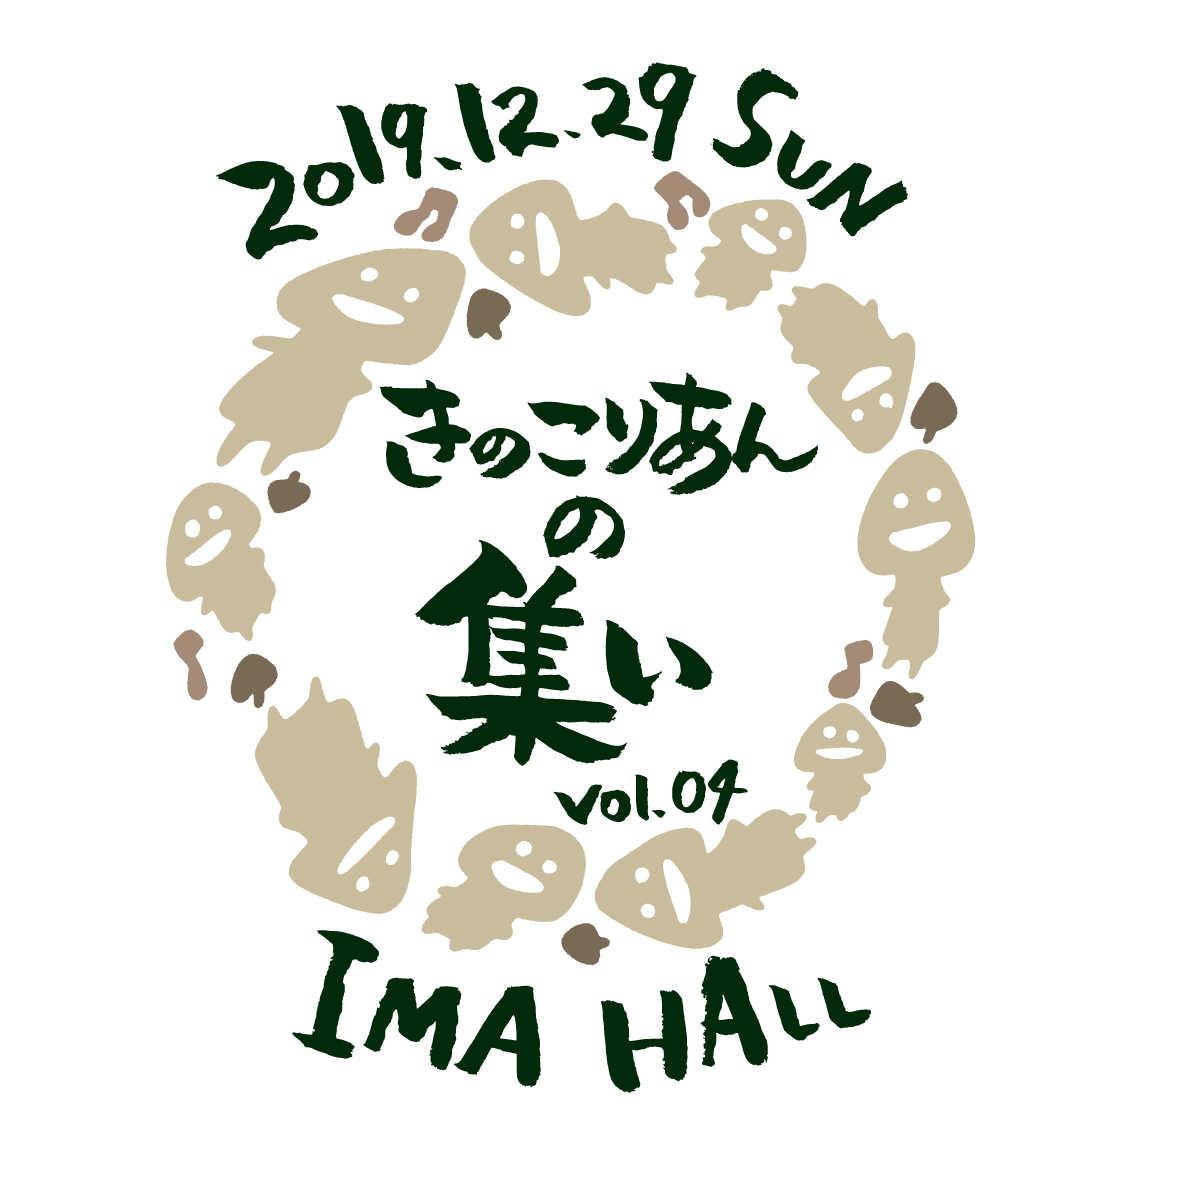 『さくらしめじの忘年会「きのこりあんの集いvol.4」』ロゴ